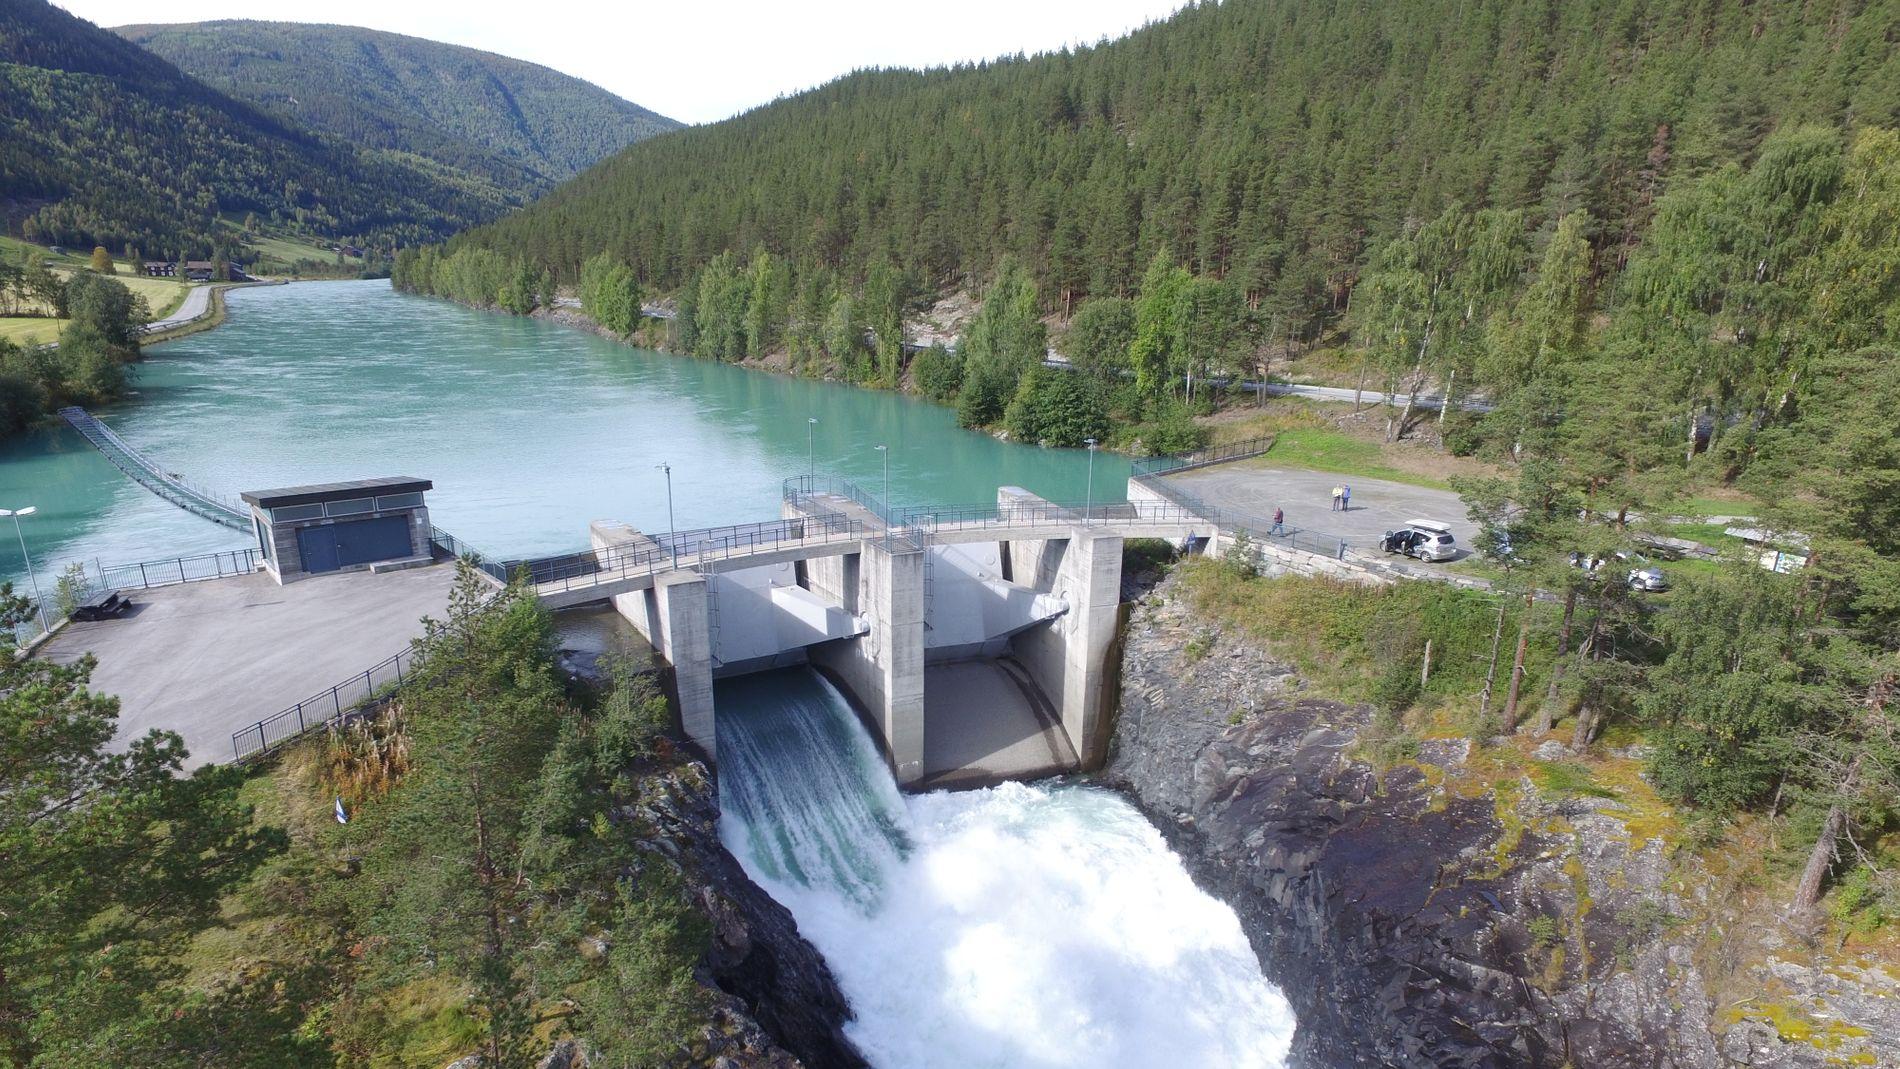 TJENTE GODT: Kraftbransjens inntekter steg med over syv prosent til 149 milliarder kroner i fjor, ifølge en Pareto-rapport. Dette er dammen Eidefossen i Nedre Otta.